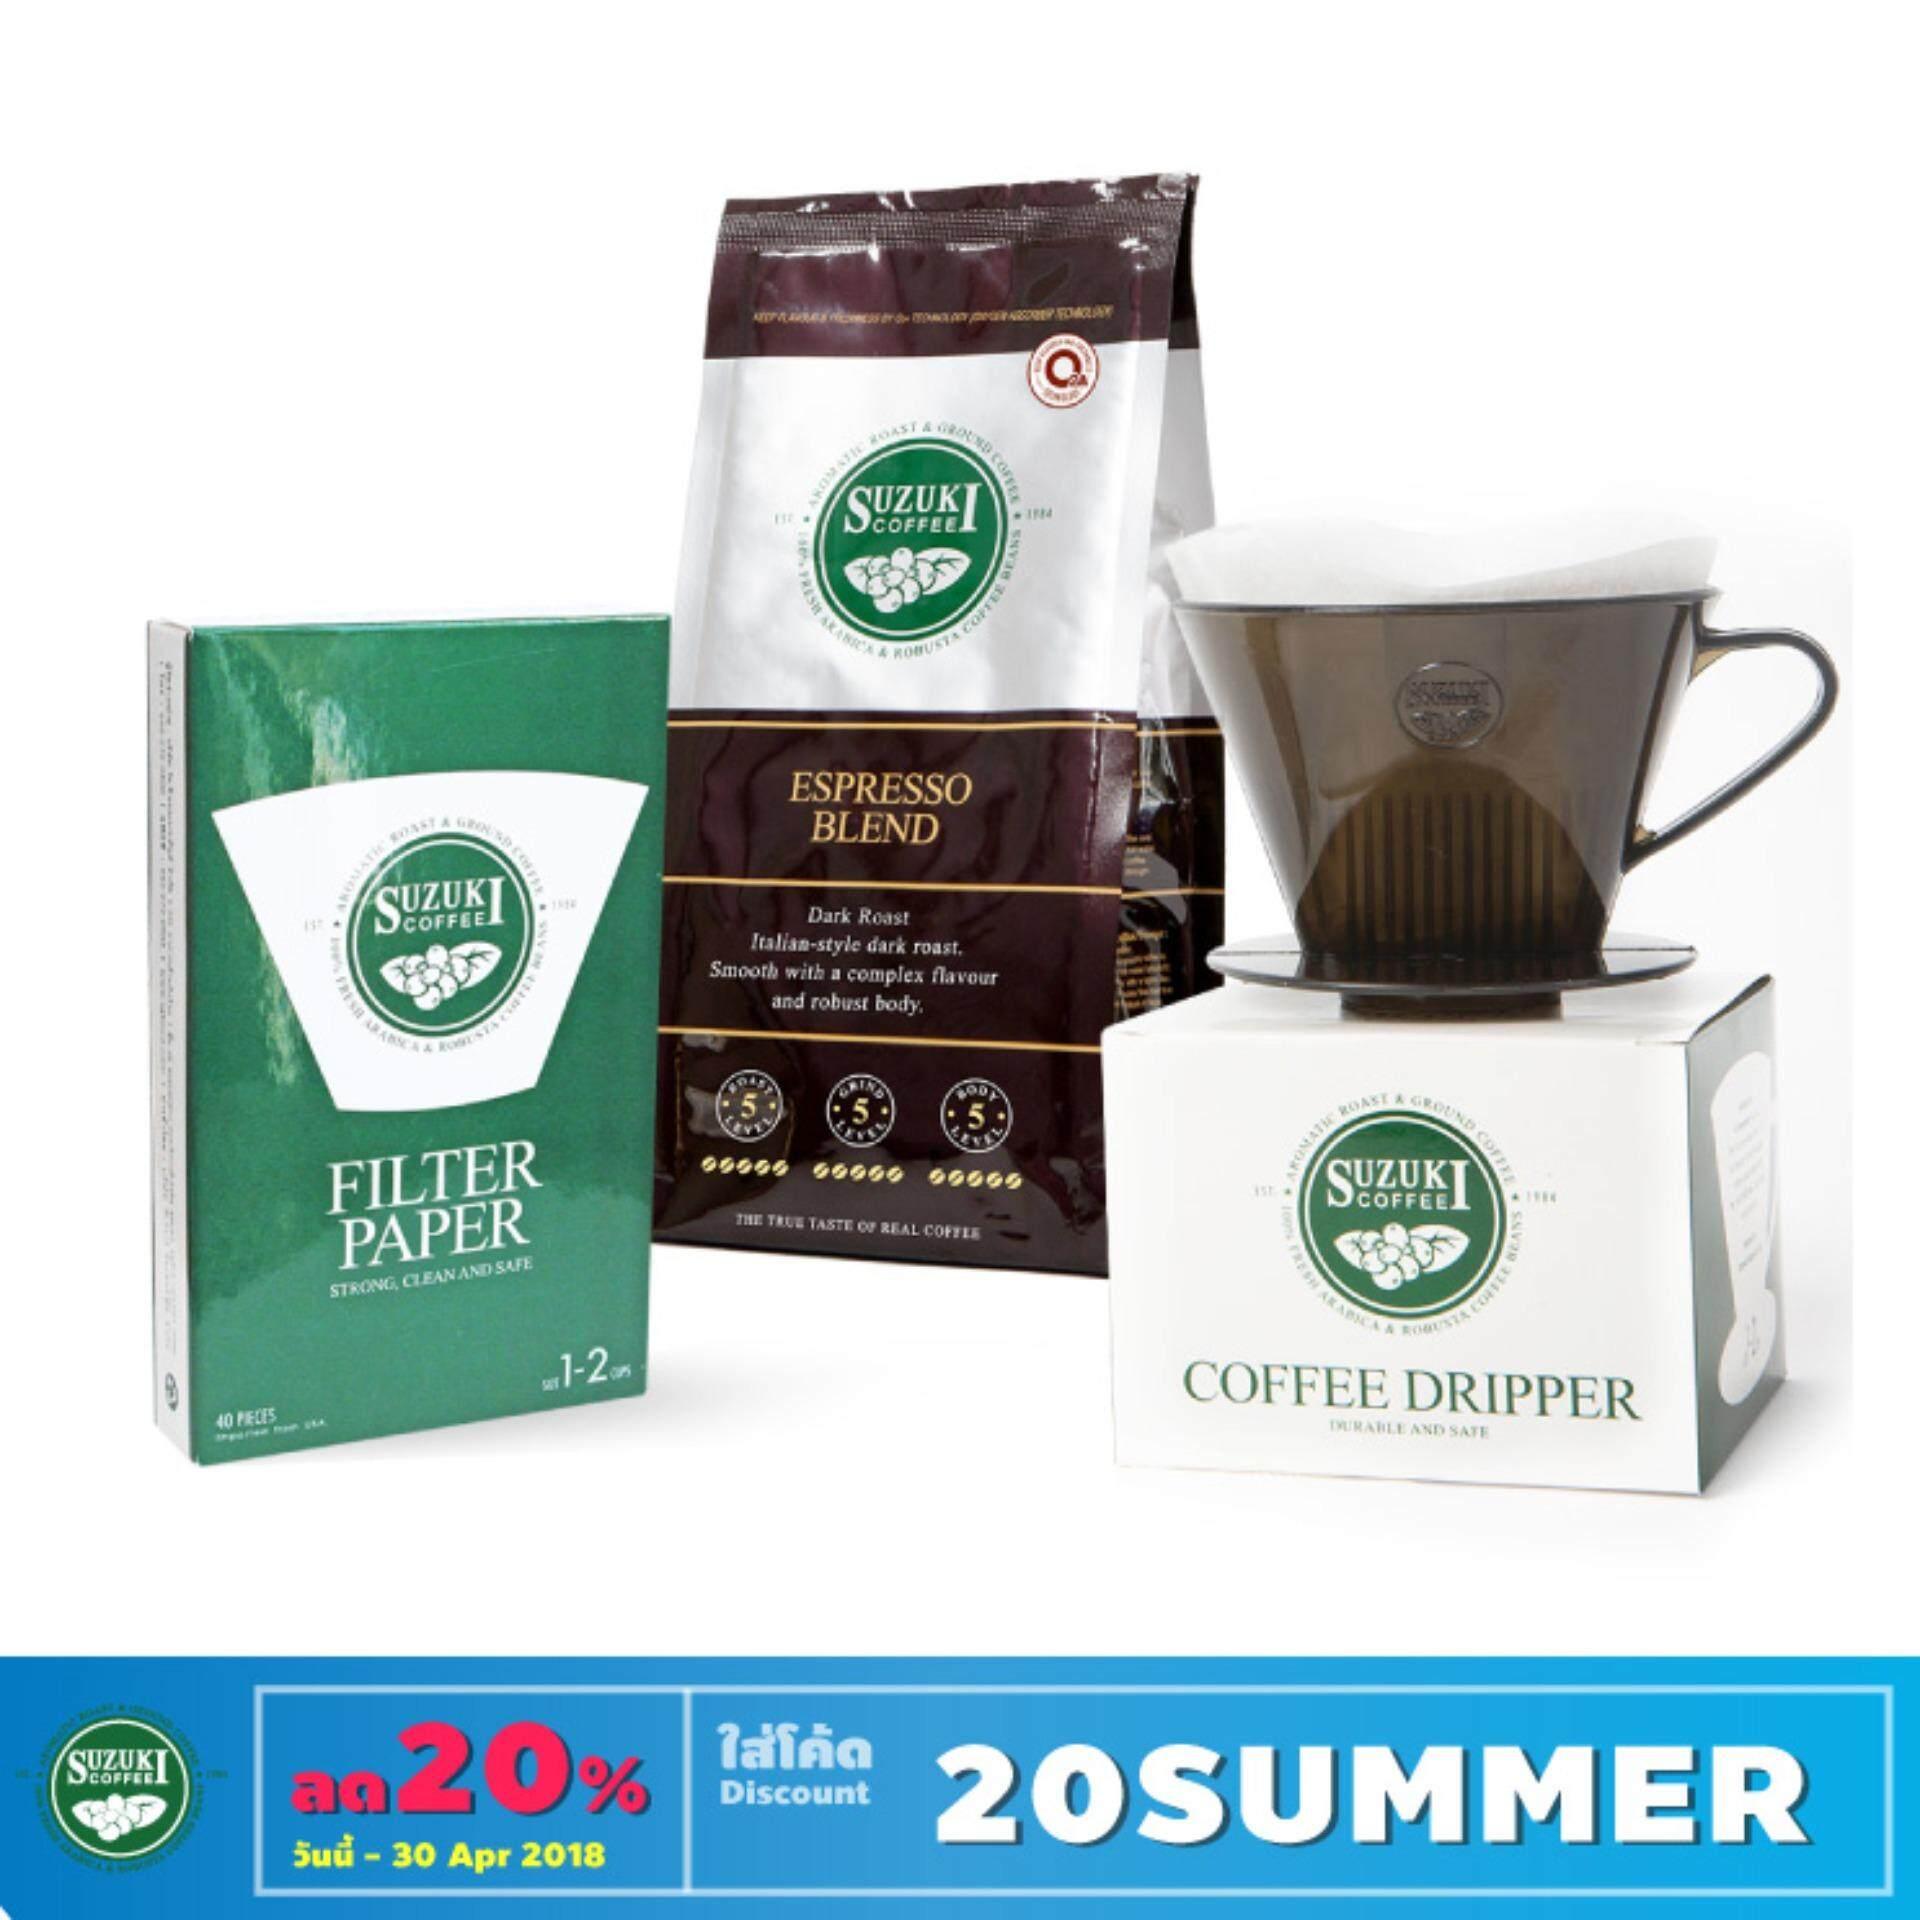 ขาย กาแฟคั่วบด Suzuki Coffee Espresso Blend Dripper Filter Paper ออนไลน์ กรุงเทพมหานคร